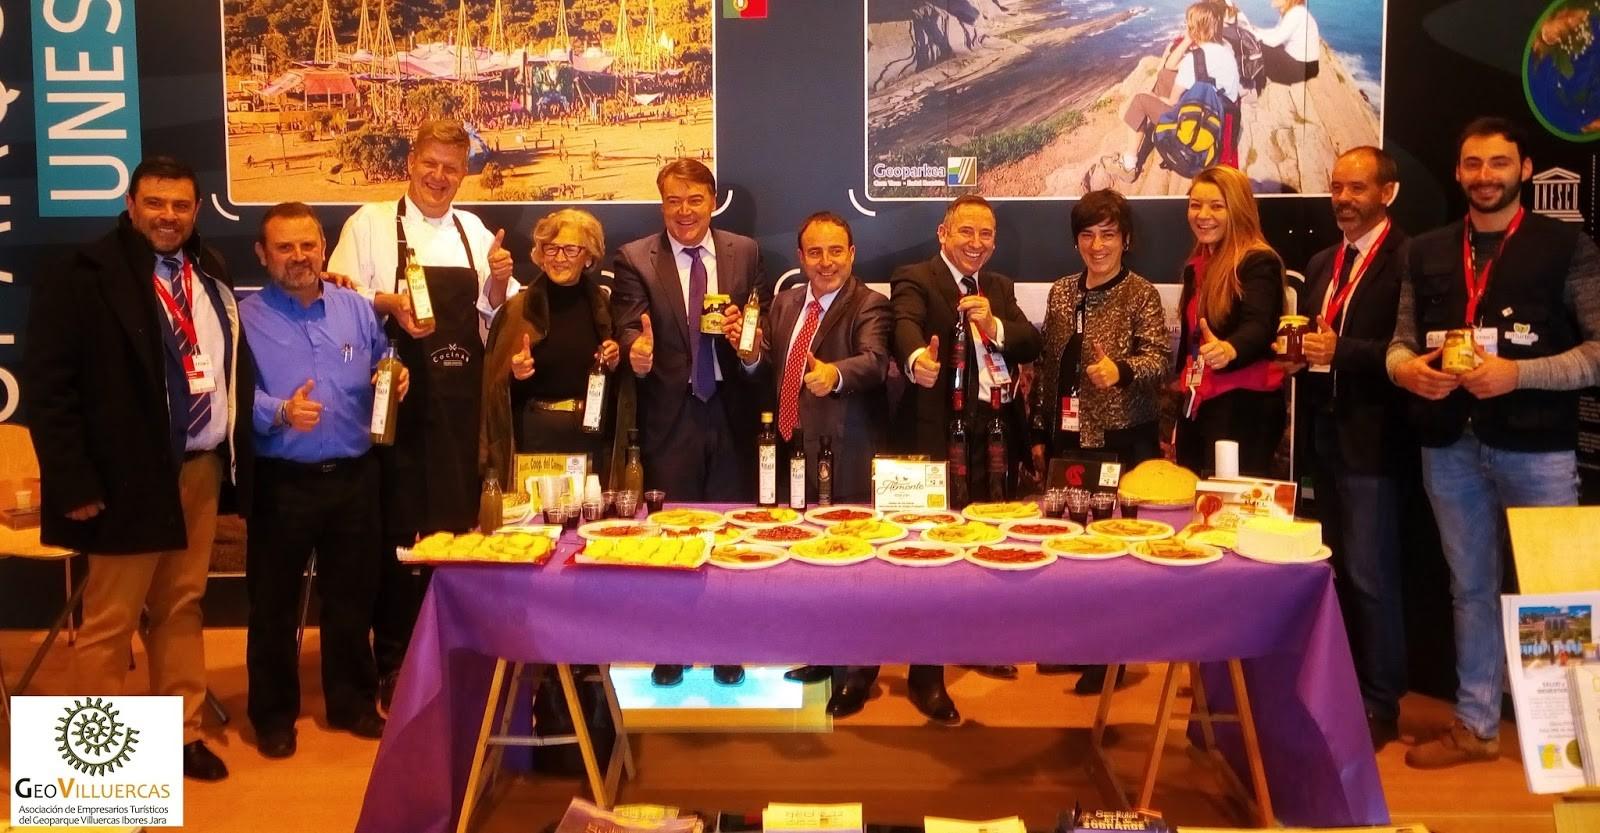 El Director General de Turismo de la Junta de Extremadura, Francisco Martín Simón, visitó a los representantes de todos los Geoparques presentes en el stand: Naturtejo, Sobrarbe, Costa Vasca y Villuercas Ibores Jara